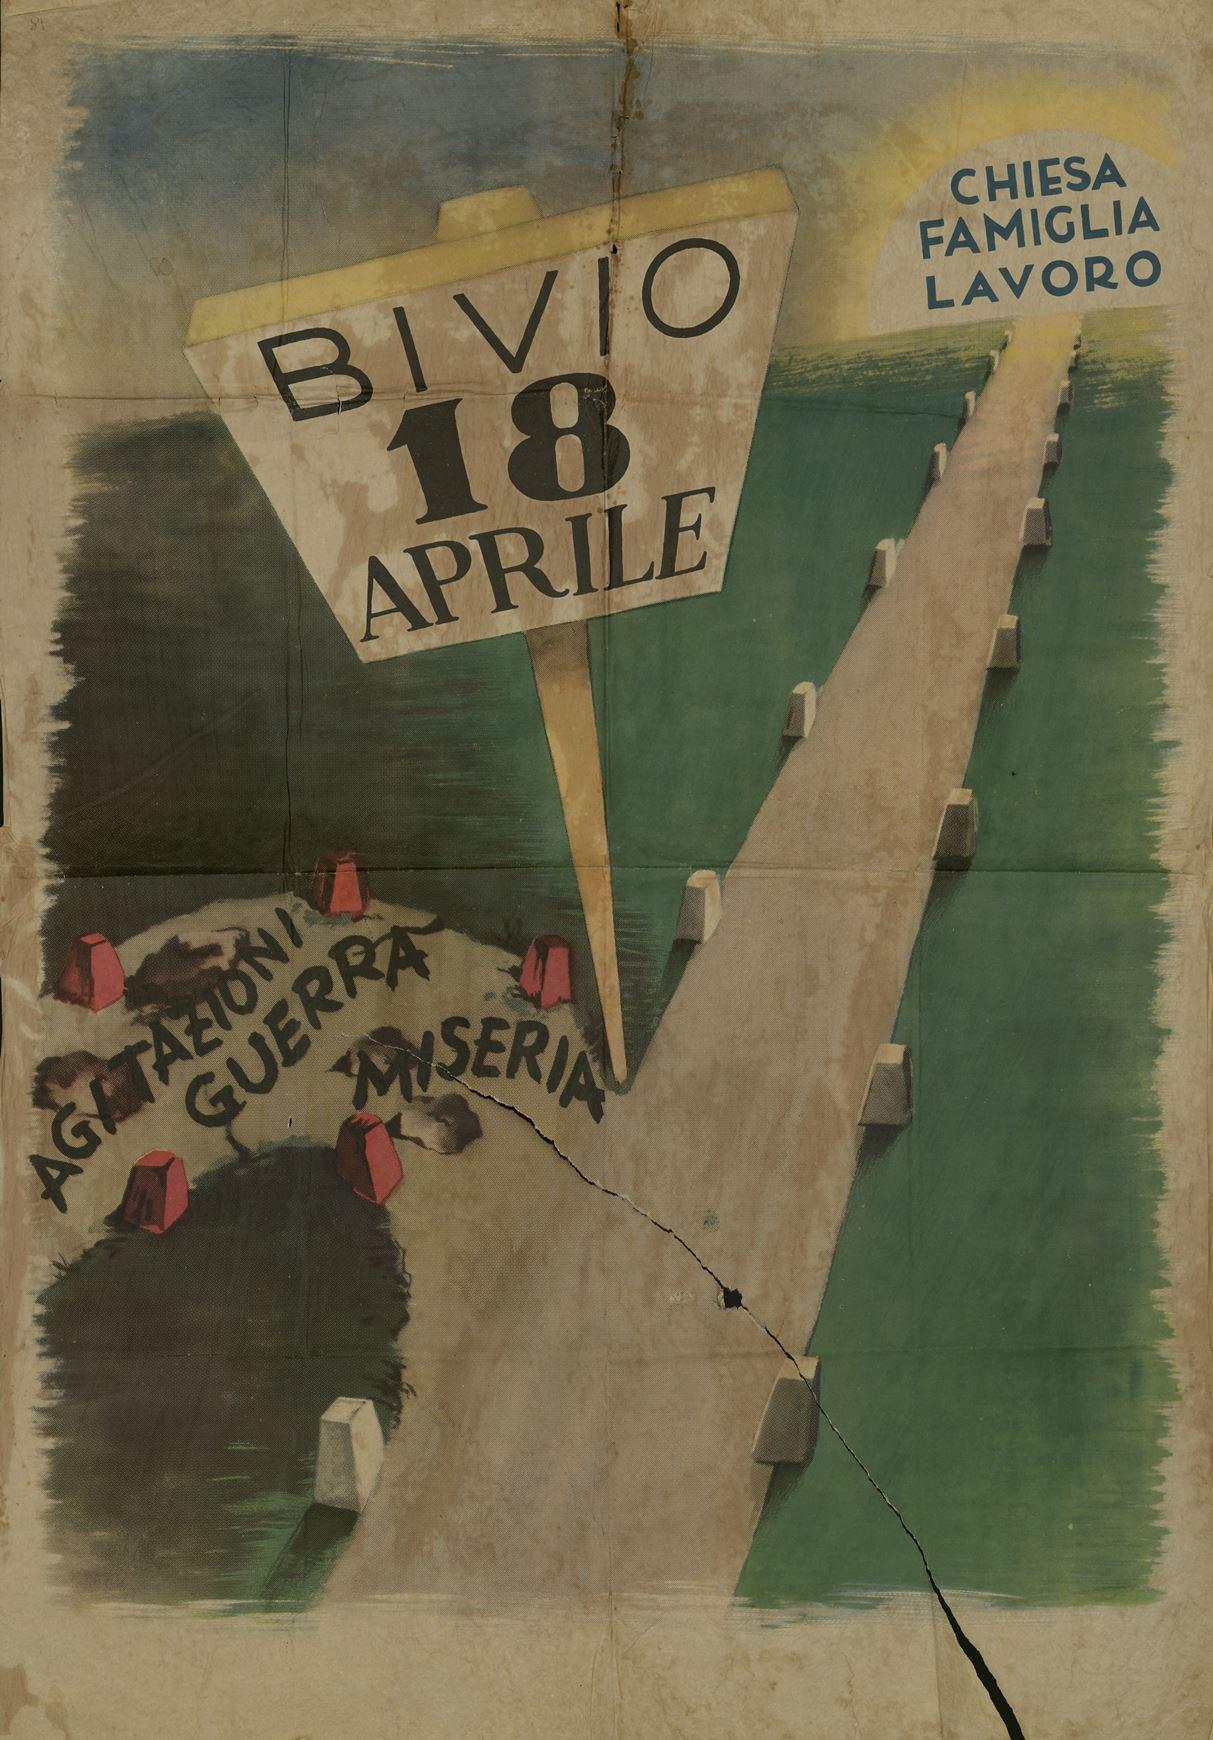 Manifesto anticomunista, che dipinge le elezioni del 18 aprile 1948 come un bivio.